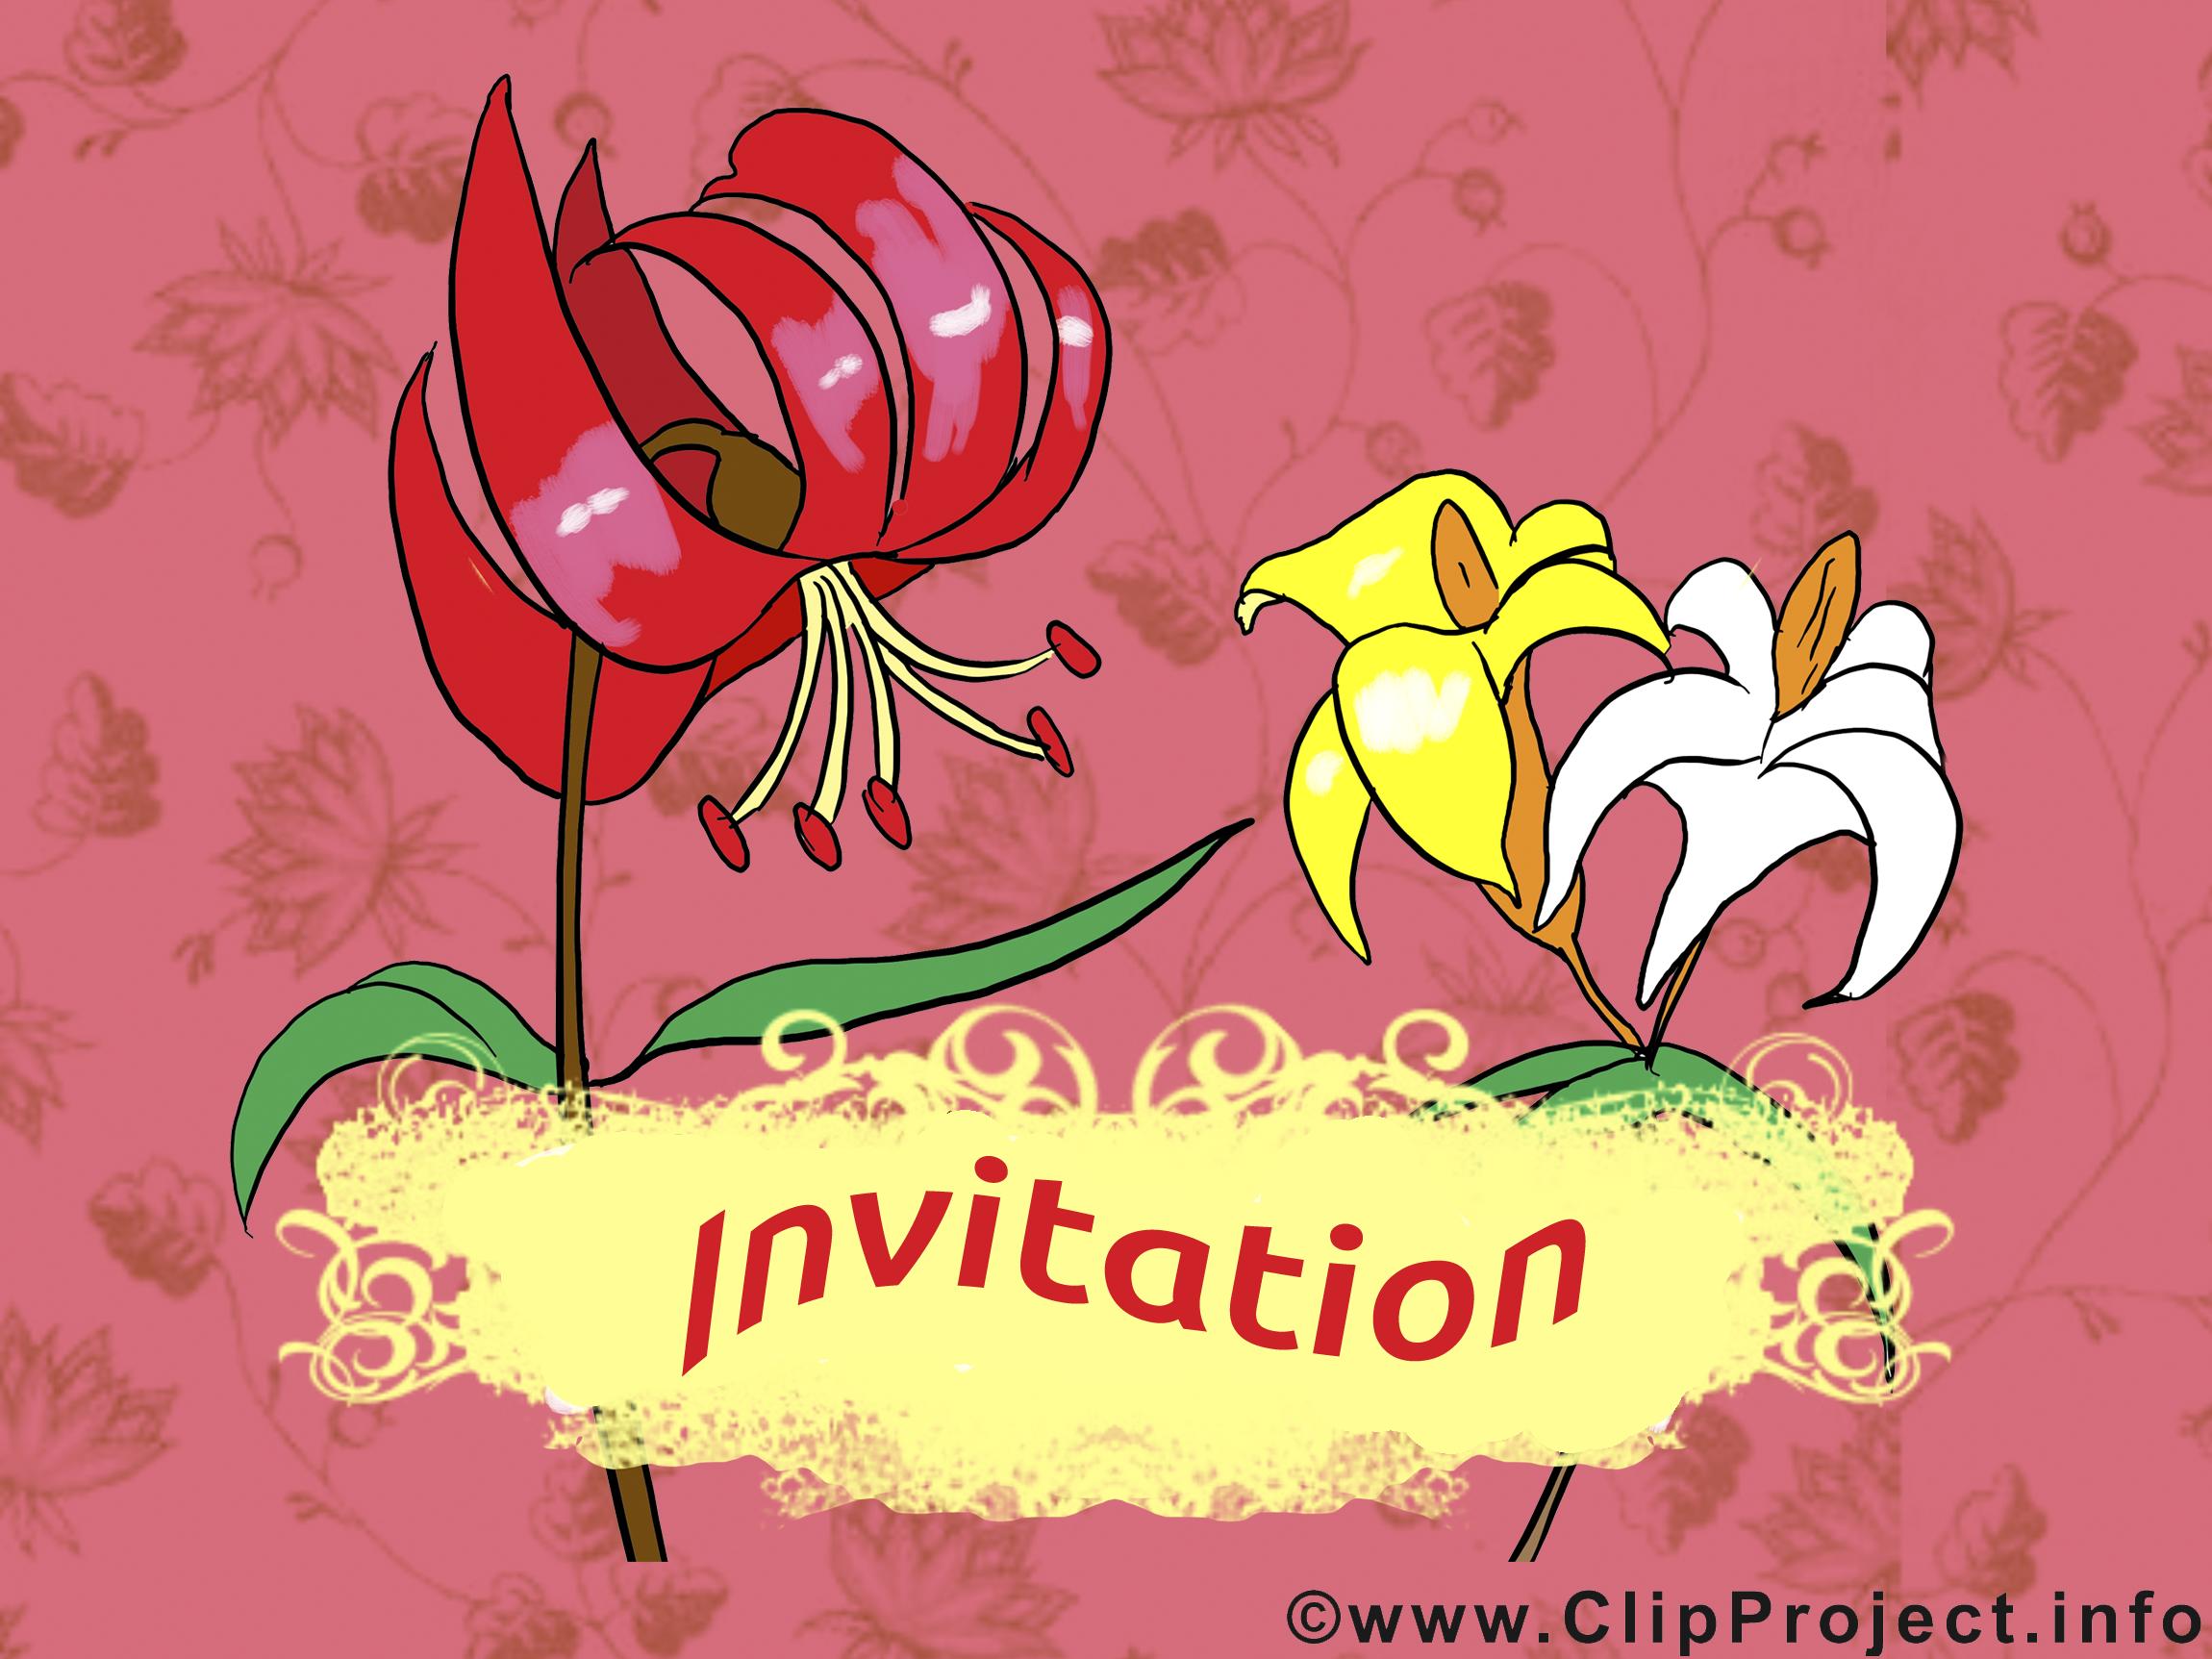 Fleurs clip art gratuit – Invitation images